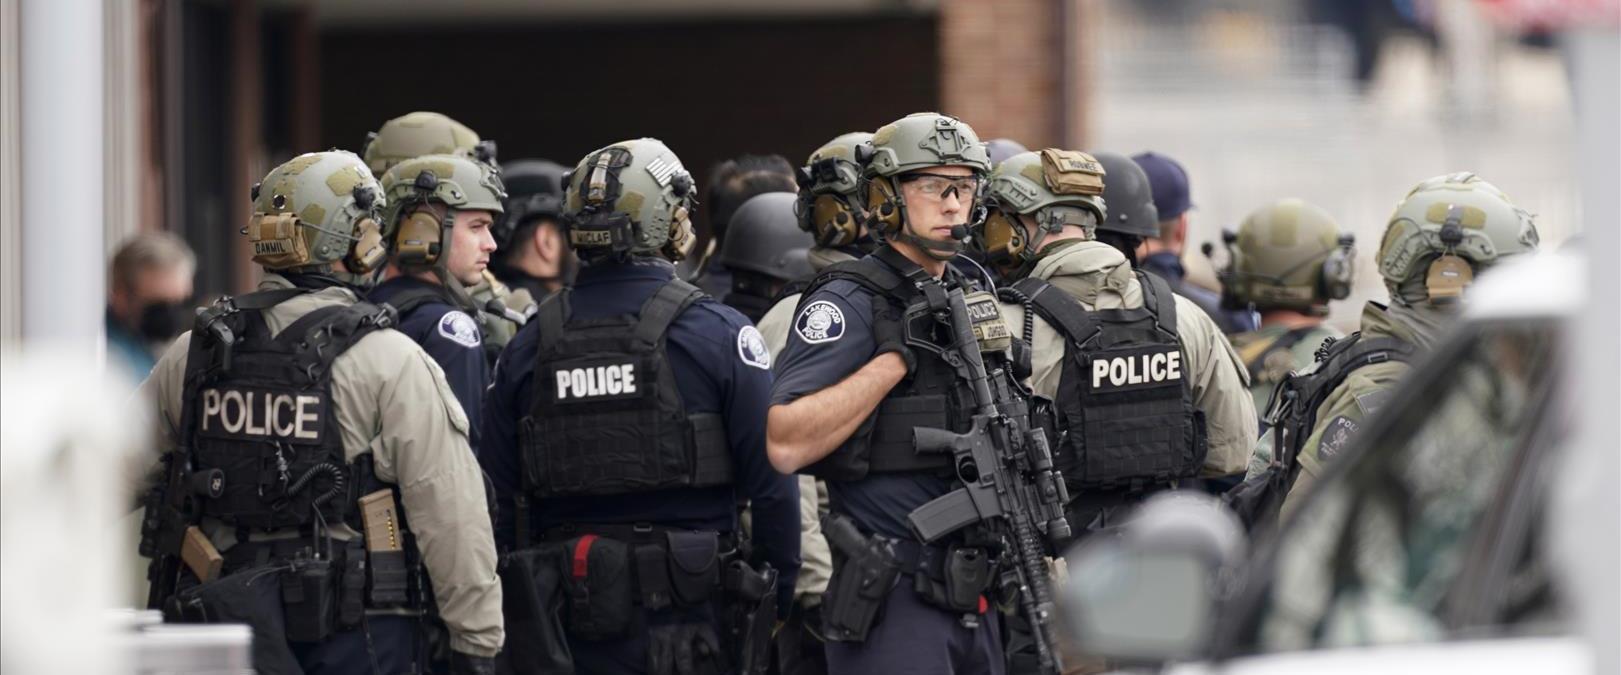 כוחות משטרה בזירת הירי בקולורדו